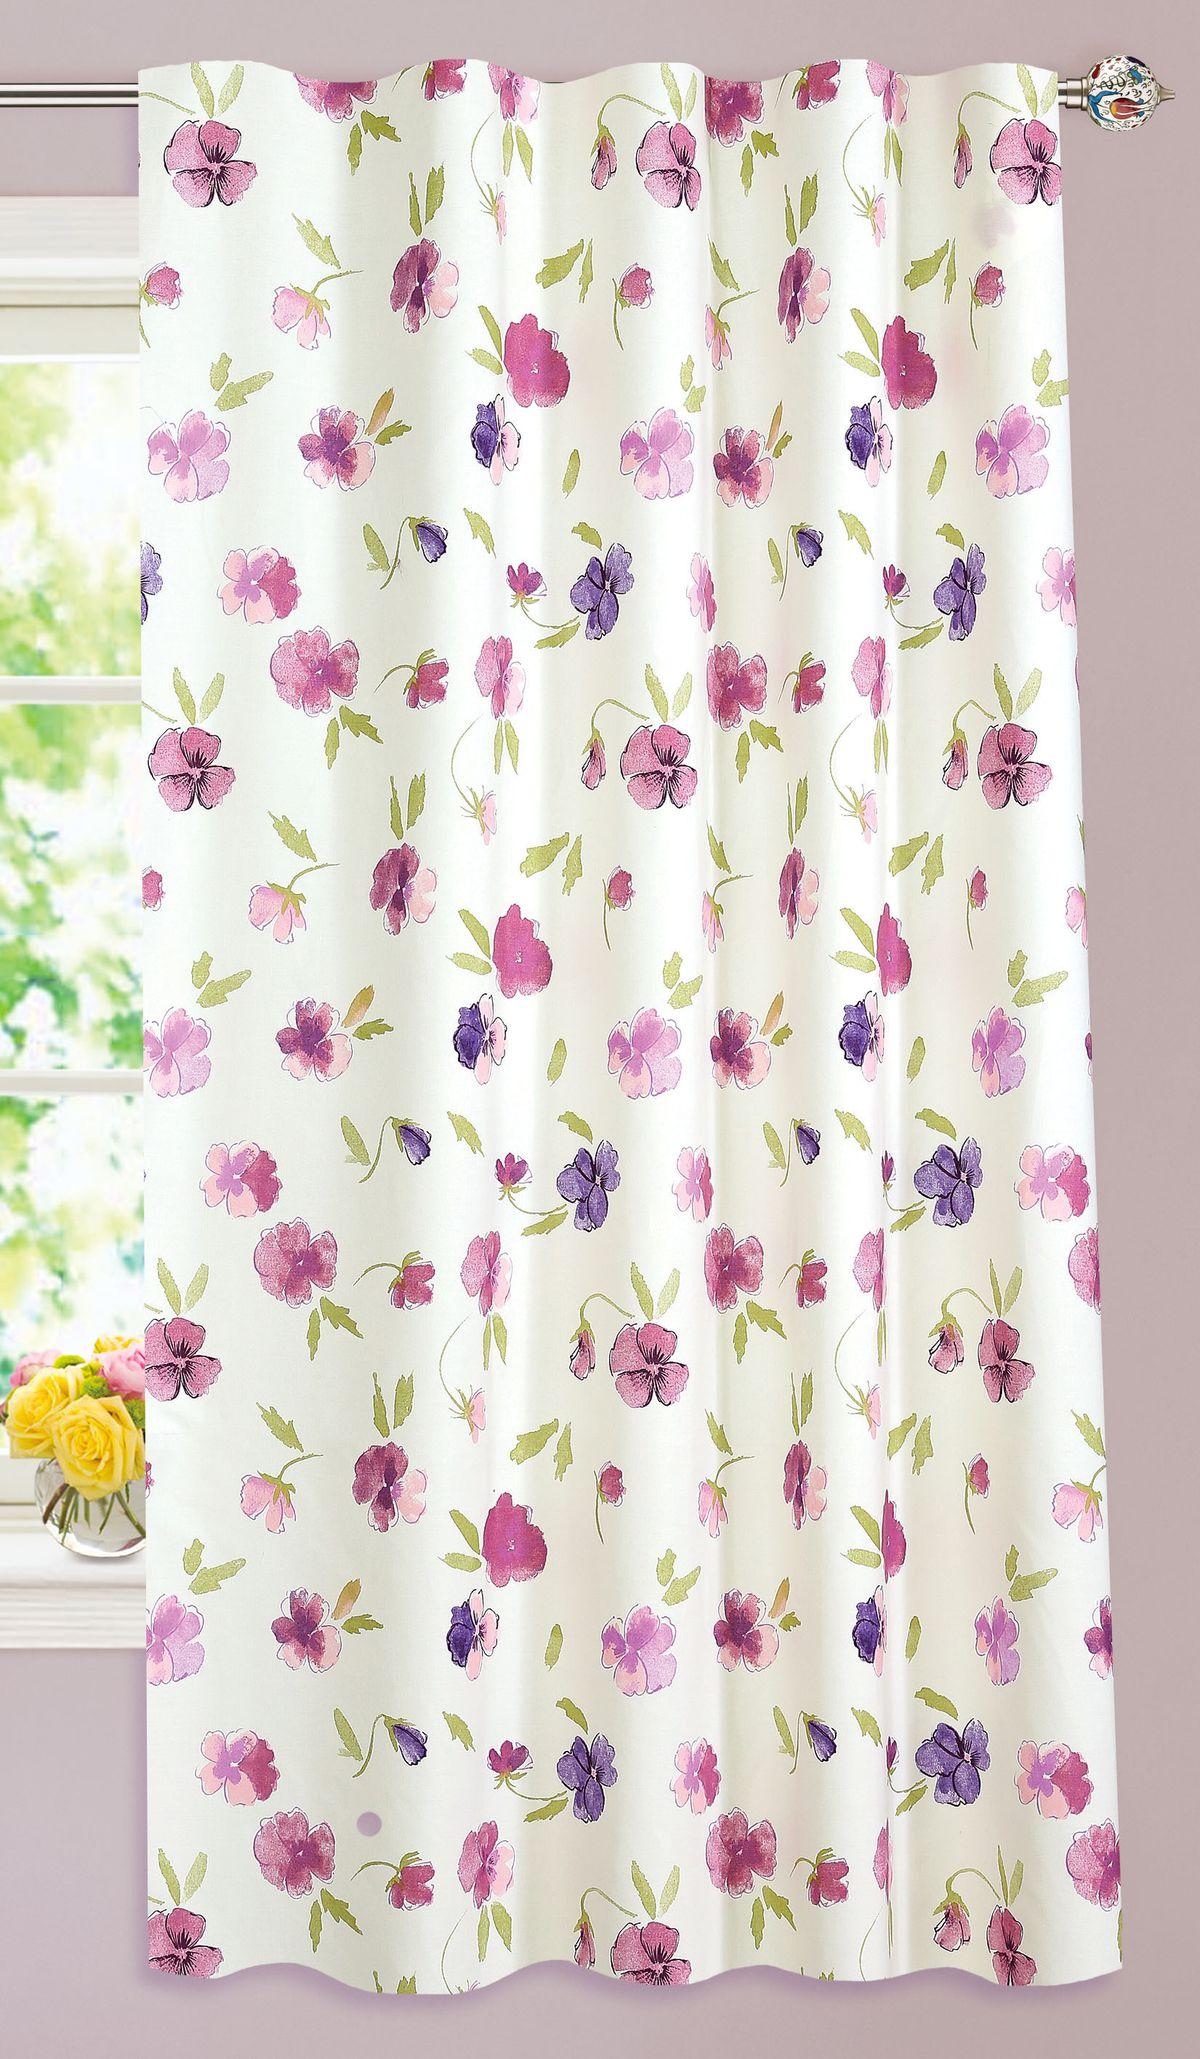 Штора Garden, на ленте, цвет: розовый, высота 180 см. С 10292 - W1687 V22308-9981/1Изящная штора Garden выполнена из ткани с оригинальной структурой. Приятная текстура и цвет штор привлекут к себе внимание и органично впишутся в интерьер помещения. Штора крепится на карниз при помощи ленты, которая поможет красиво и равномерно задрапировать верх.